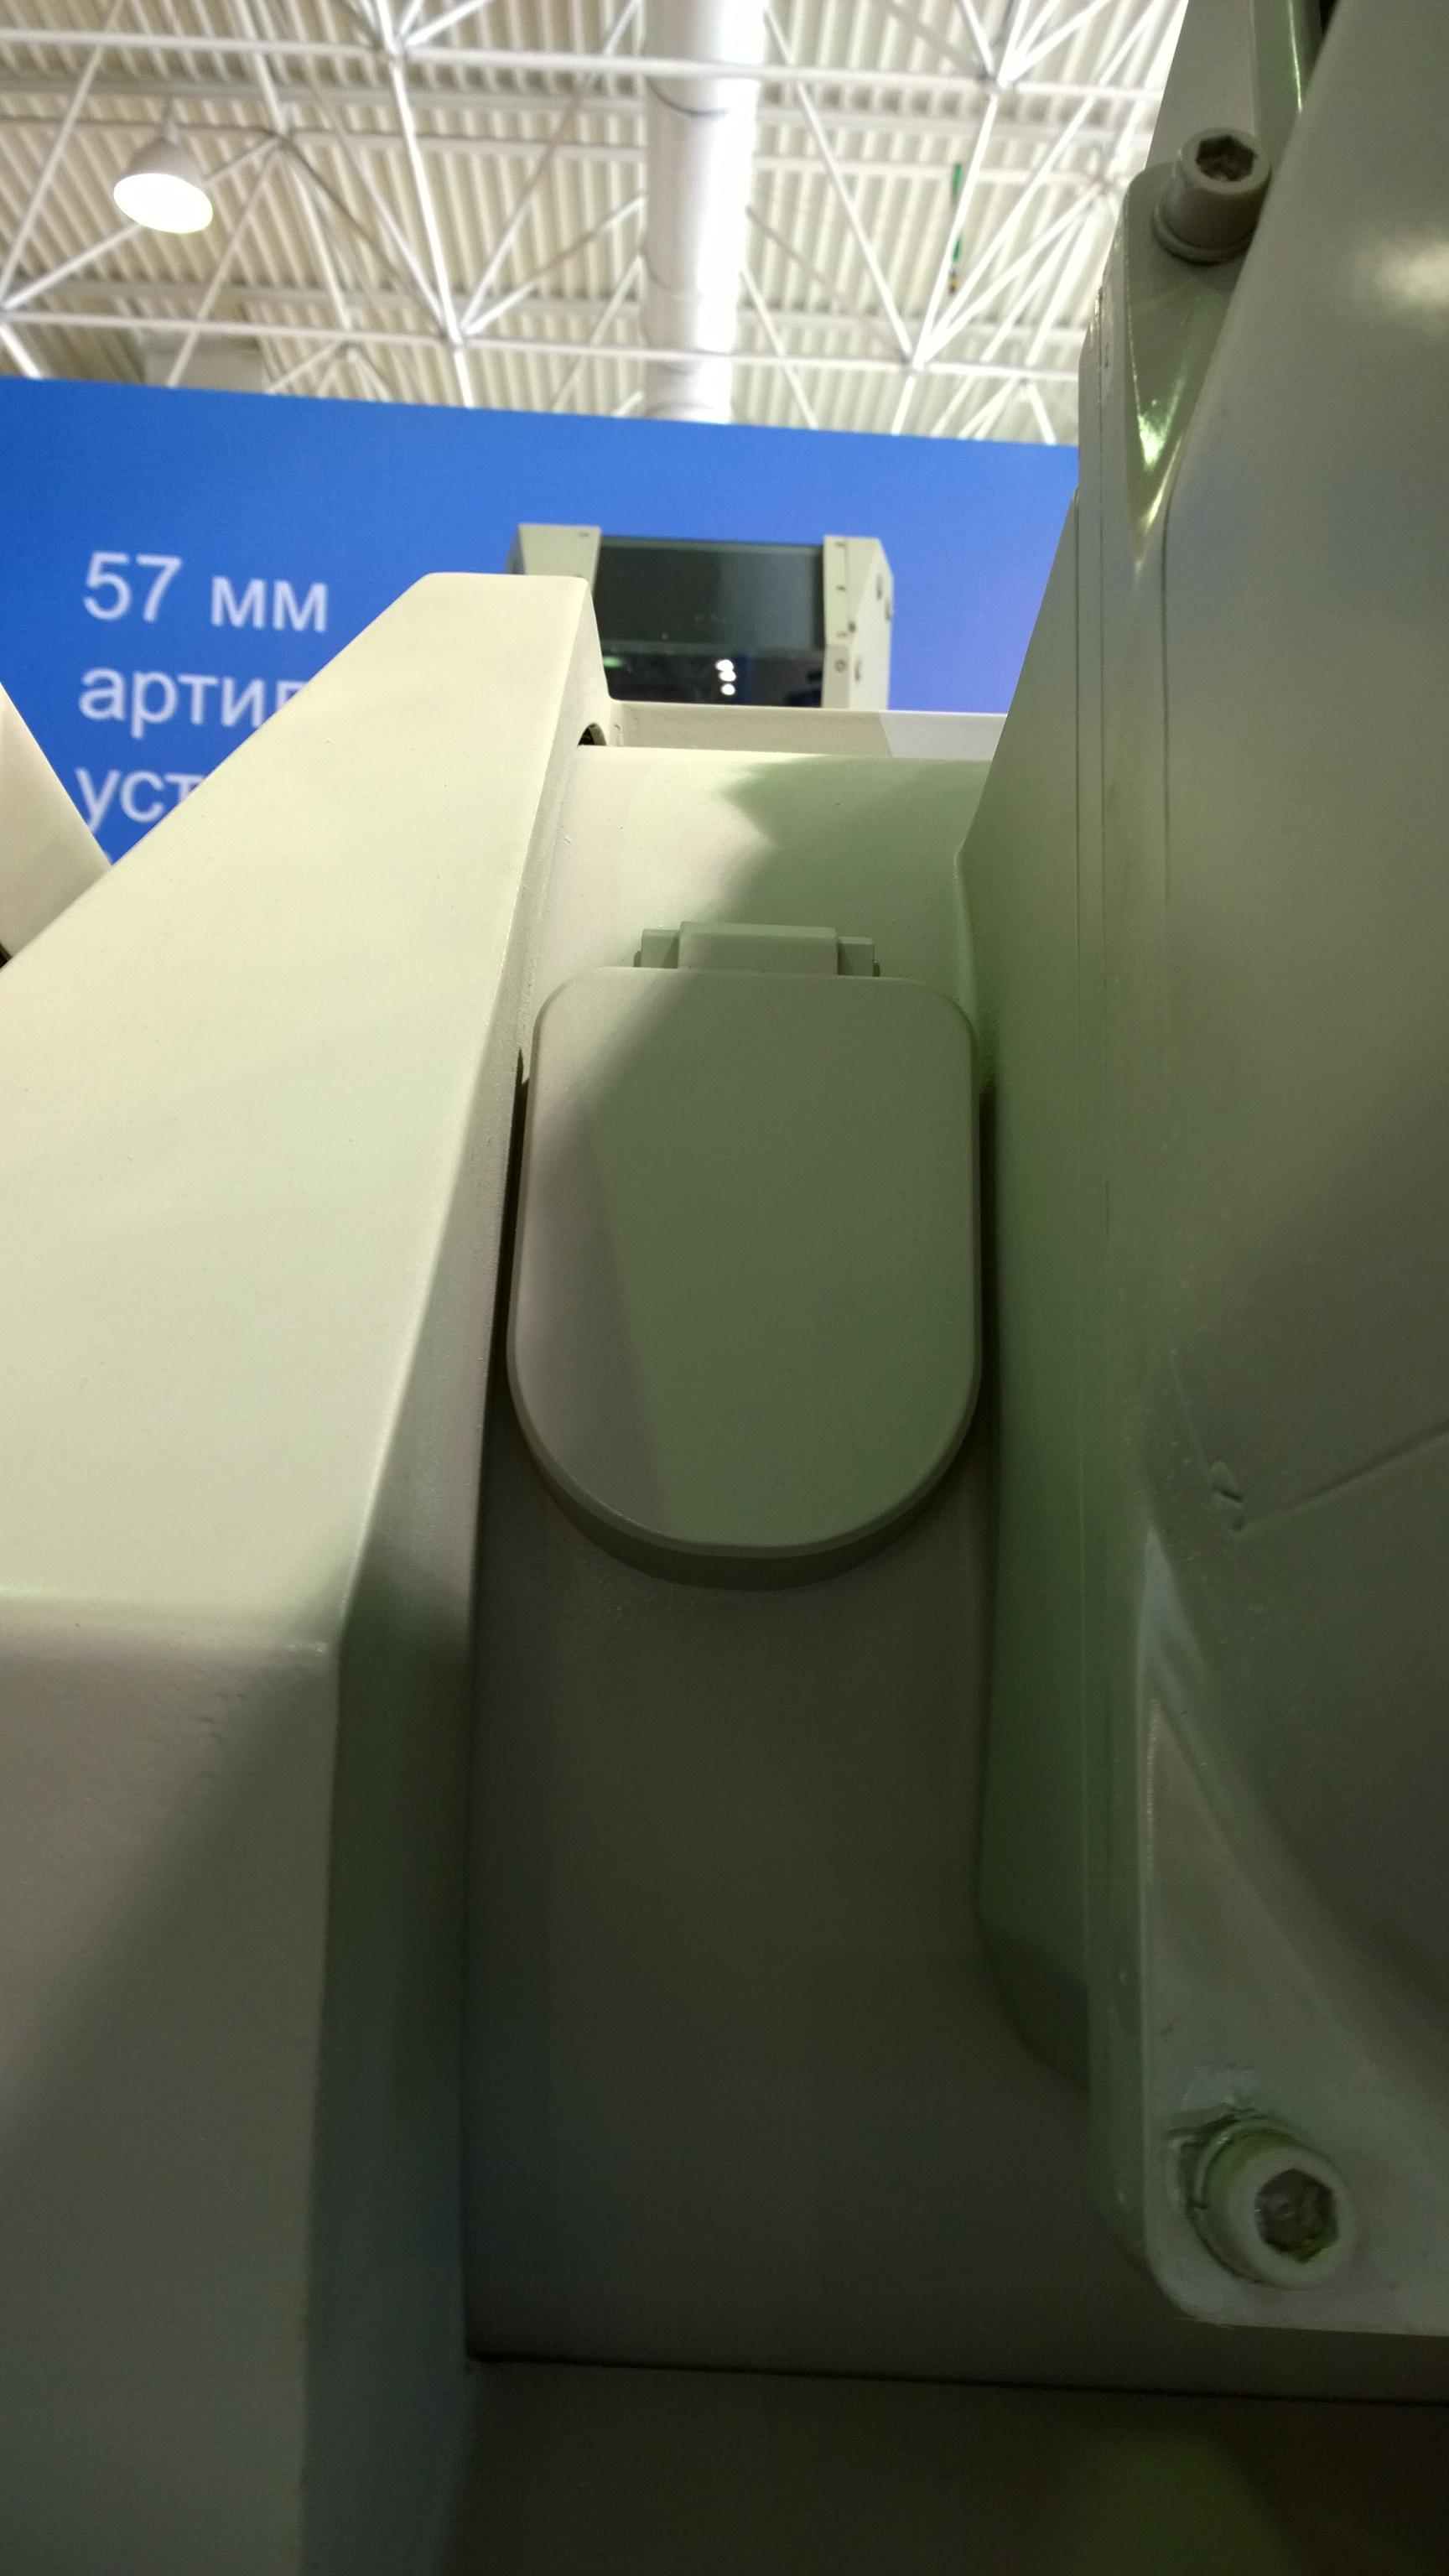 http://ic.pics.livejournal.com/tri_tire_tochka/35908064/410130/410130_original.jpg